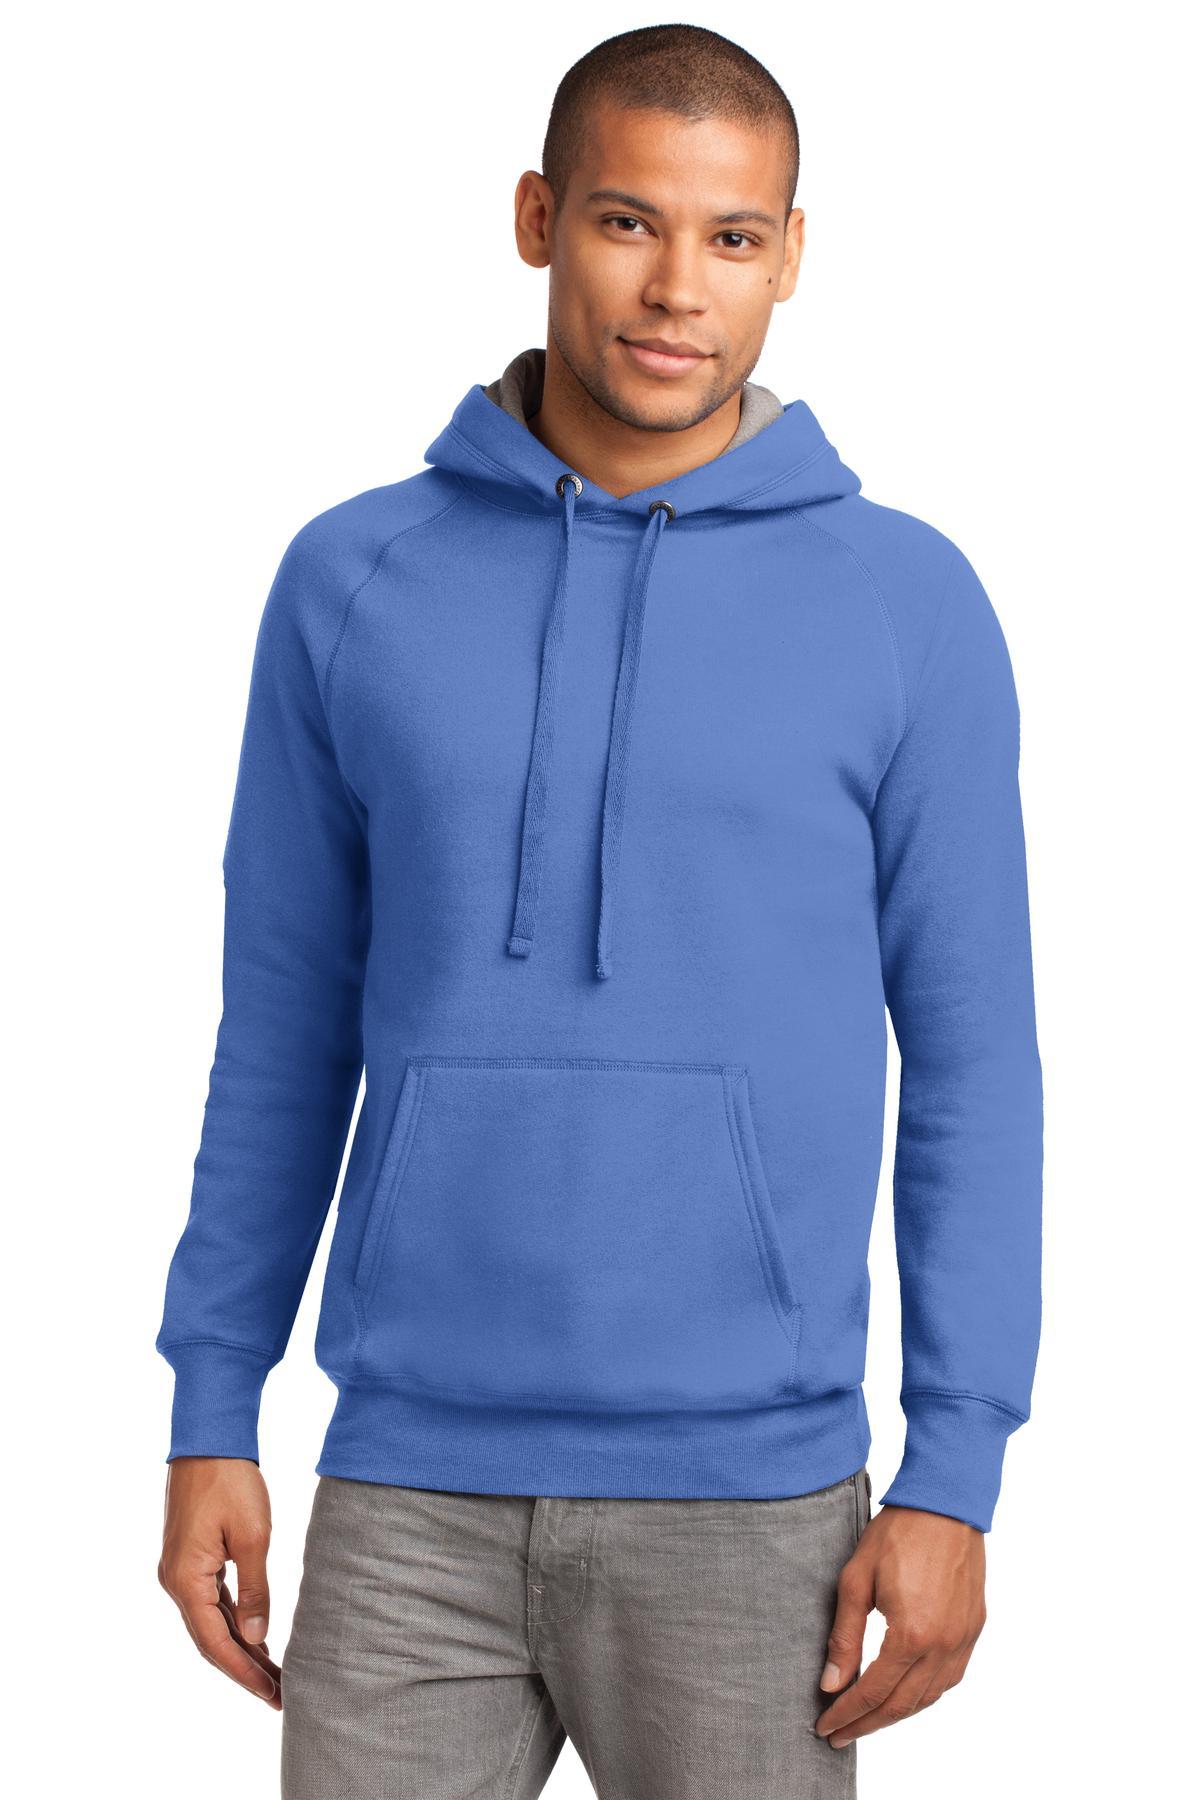 Sweatshirts-Fleece-Hooded-30